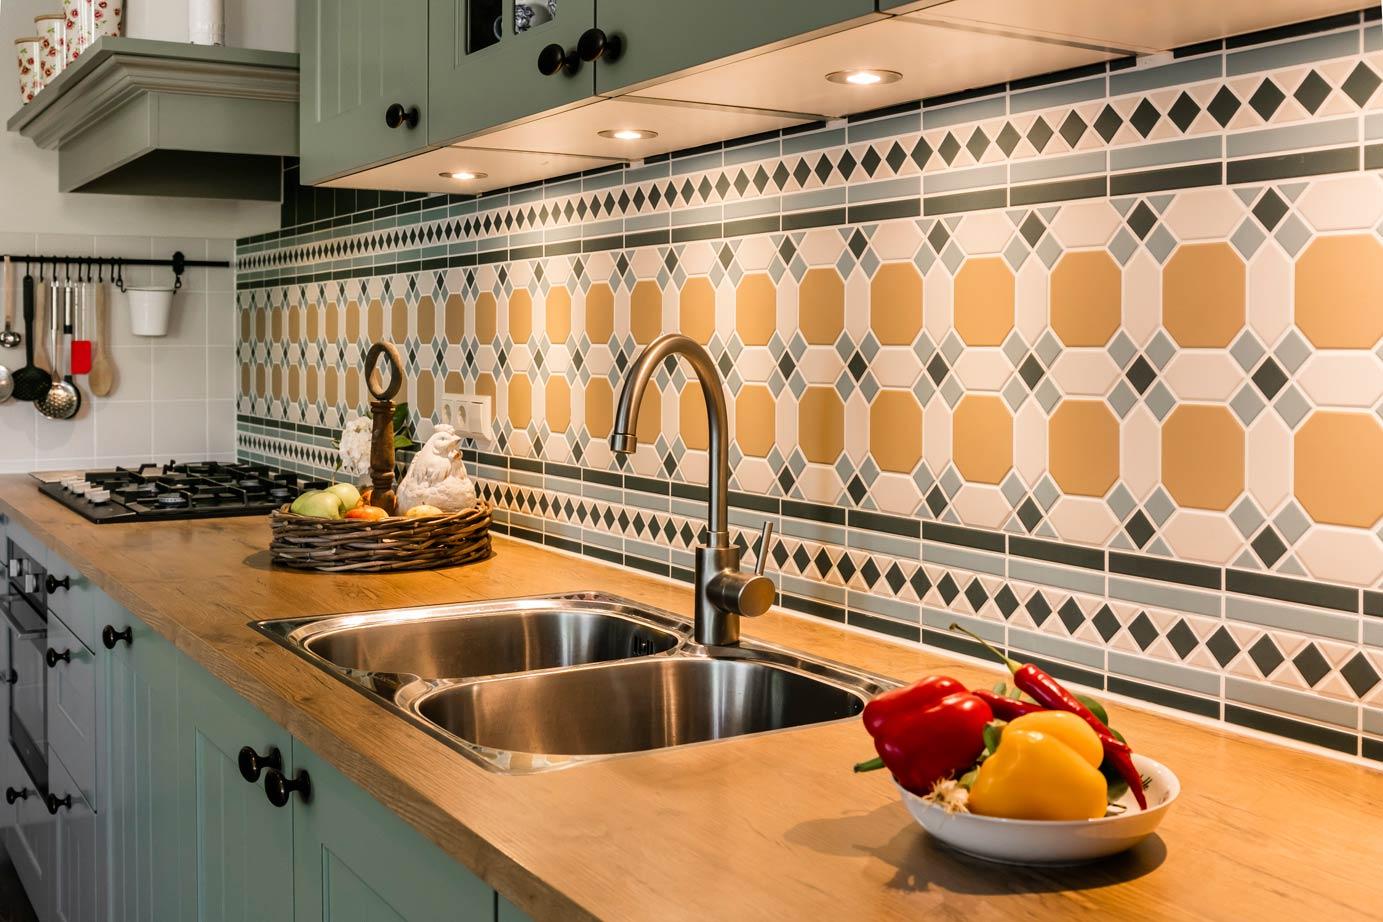 Keur Keukens Keukentegels : Design tegels zo decoratief lust voor het oog db keukens